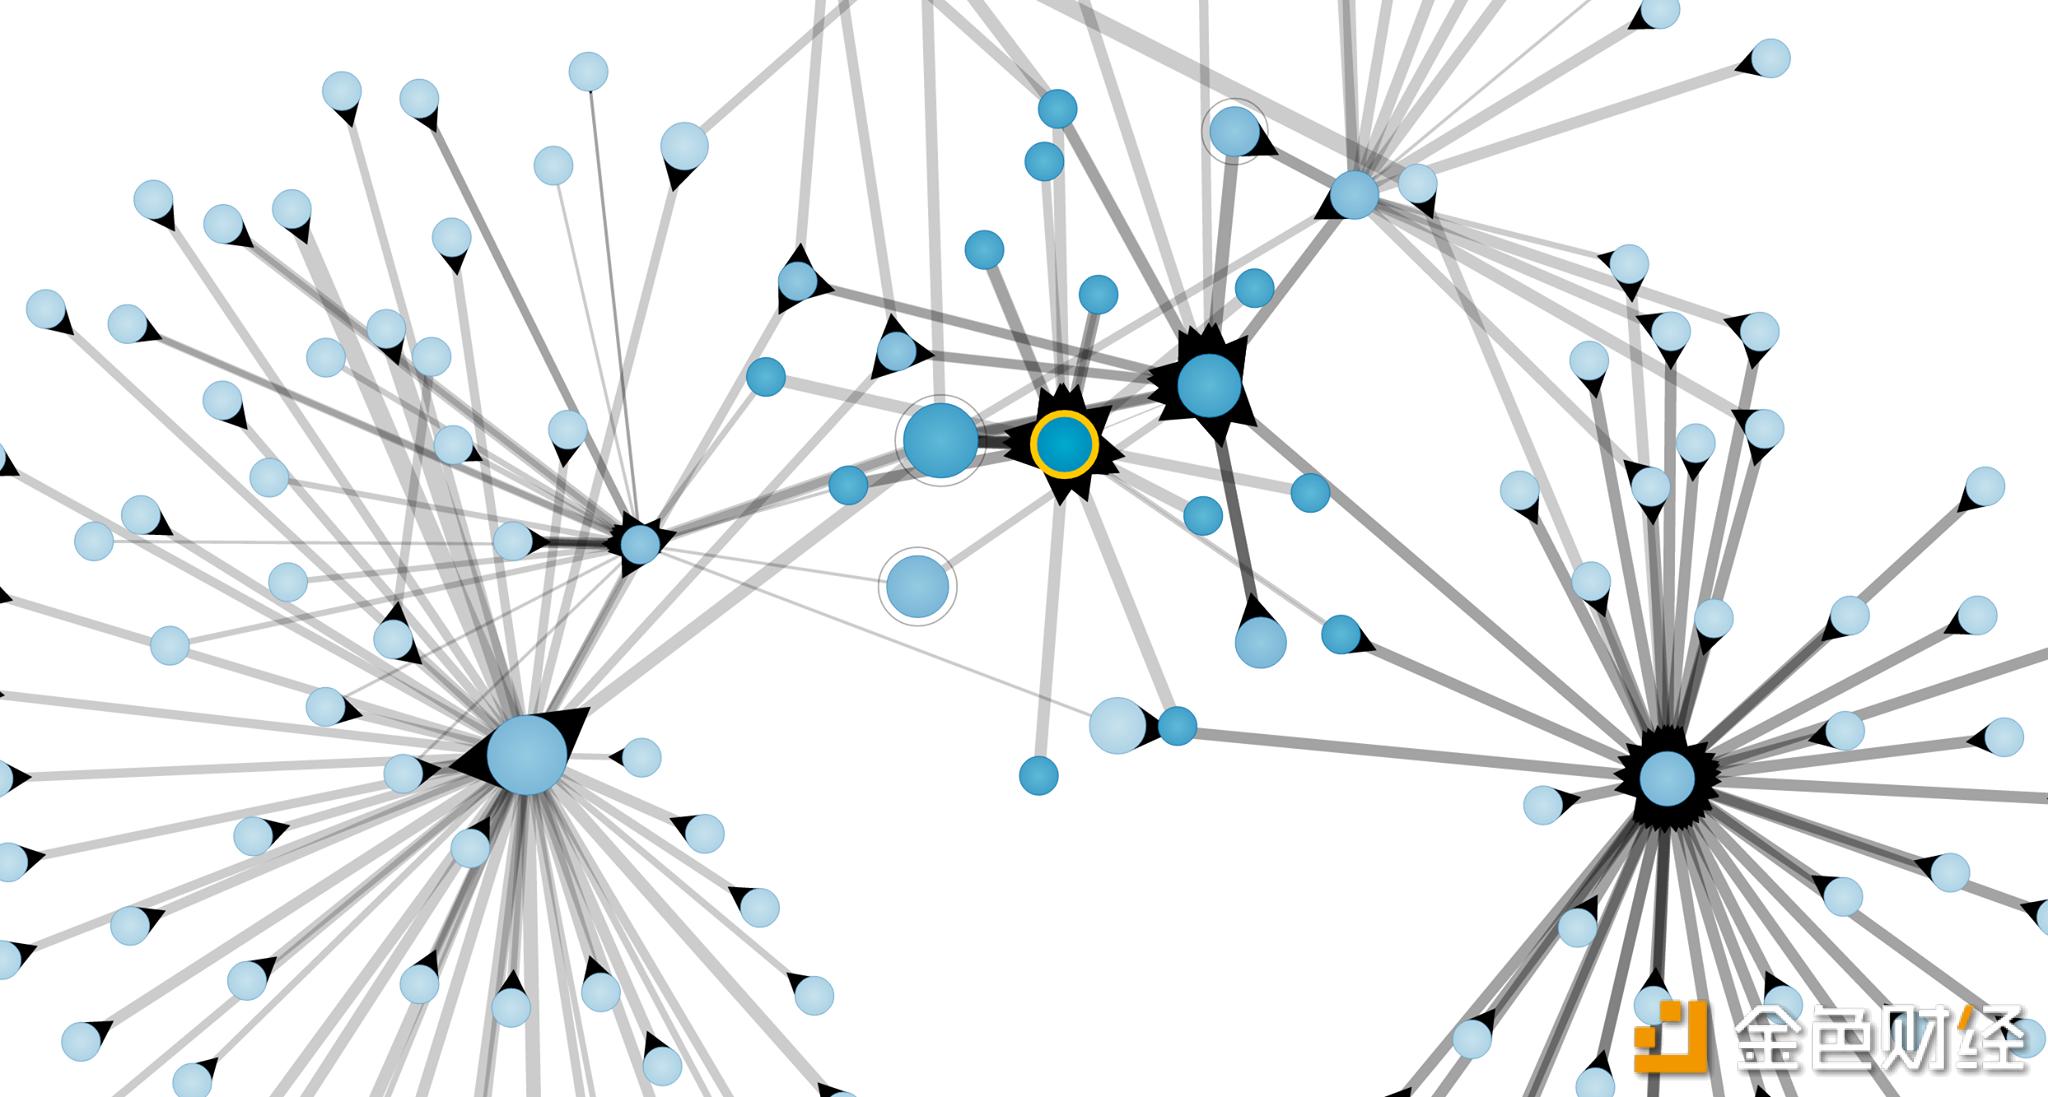 甘肃省将推动互联网、区块链等与实体经济深度融合